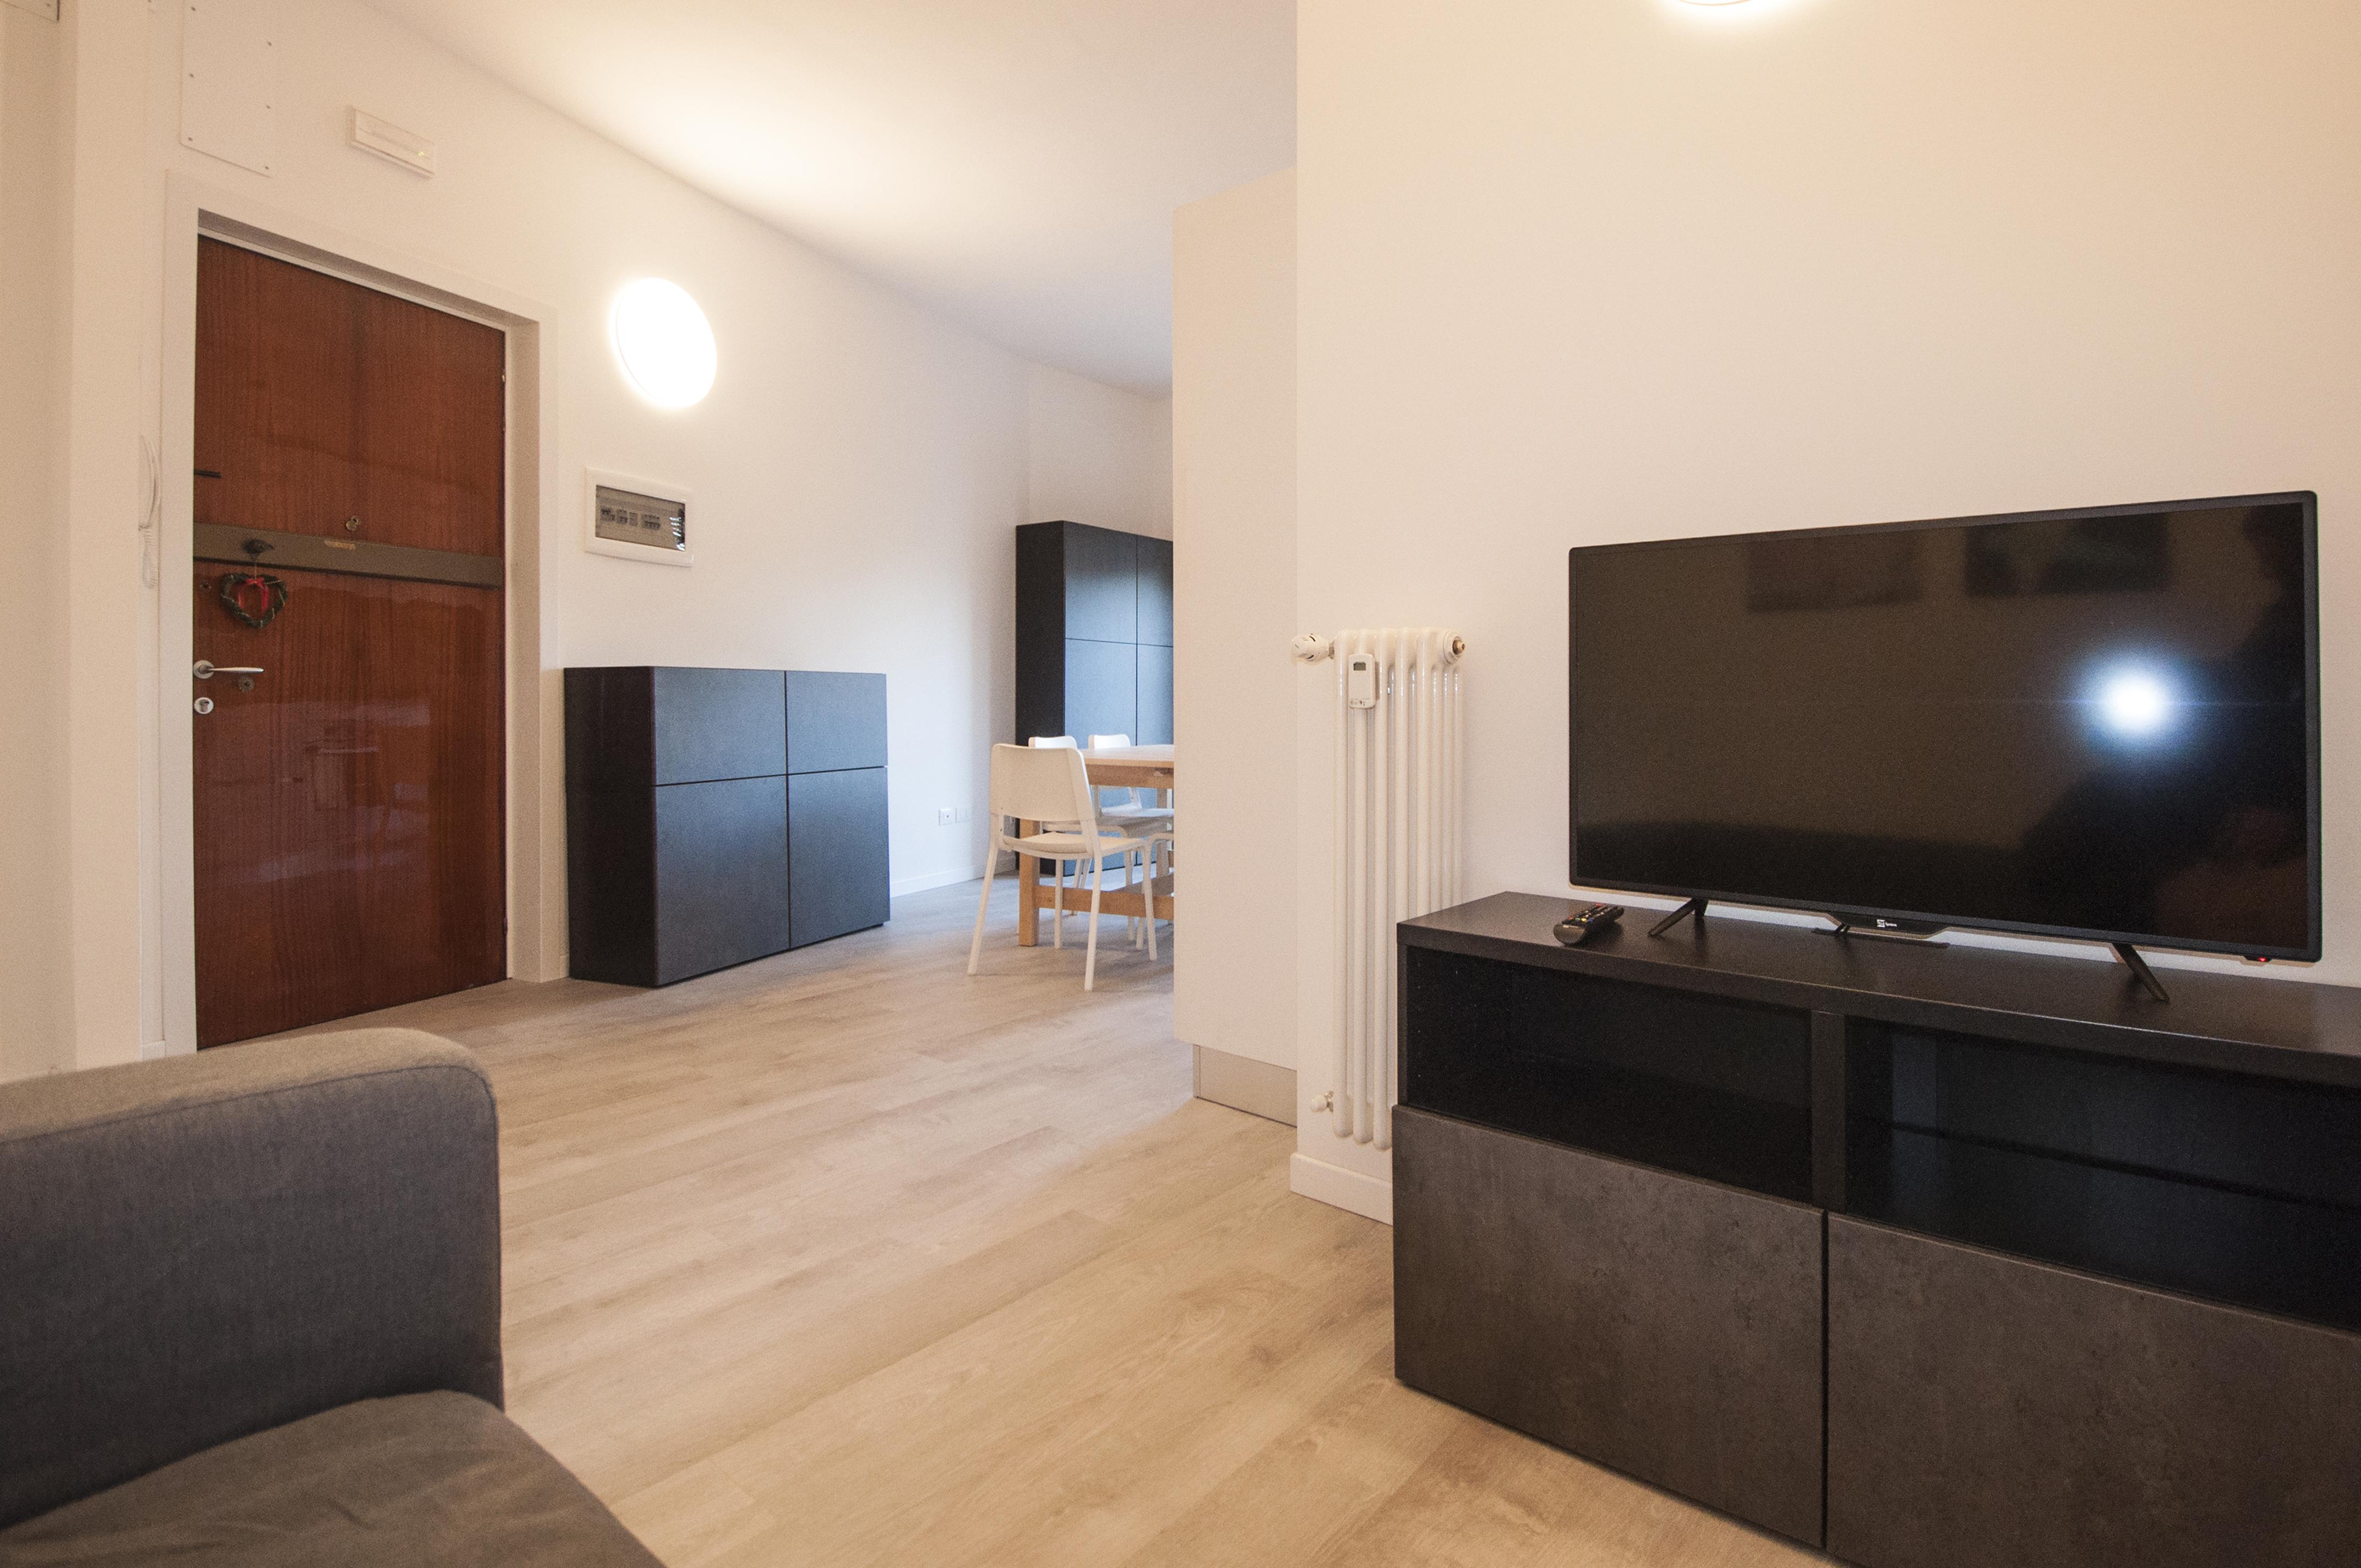 Camere in affitto-Treviso-Ospedale-Stazione-Studio-Architettura-Zanatta_11